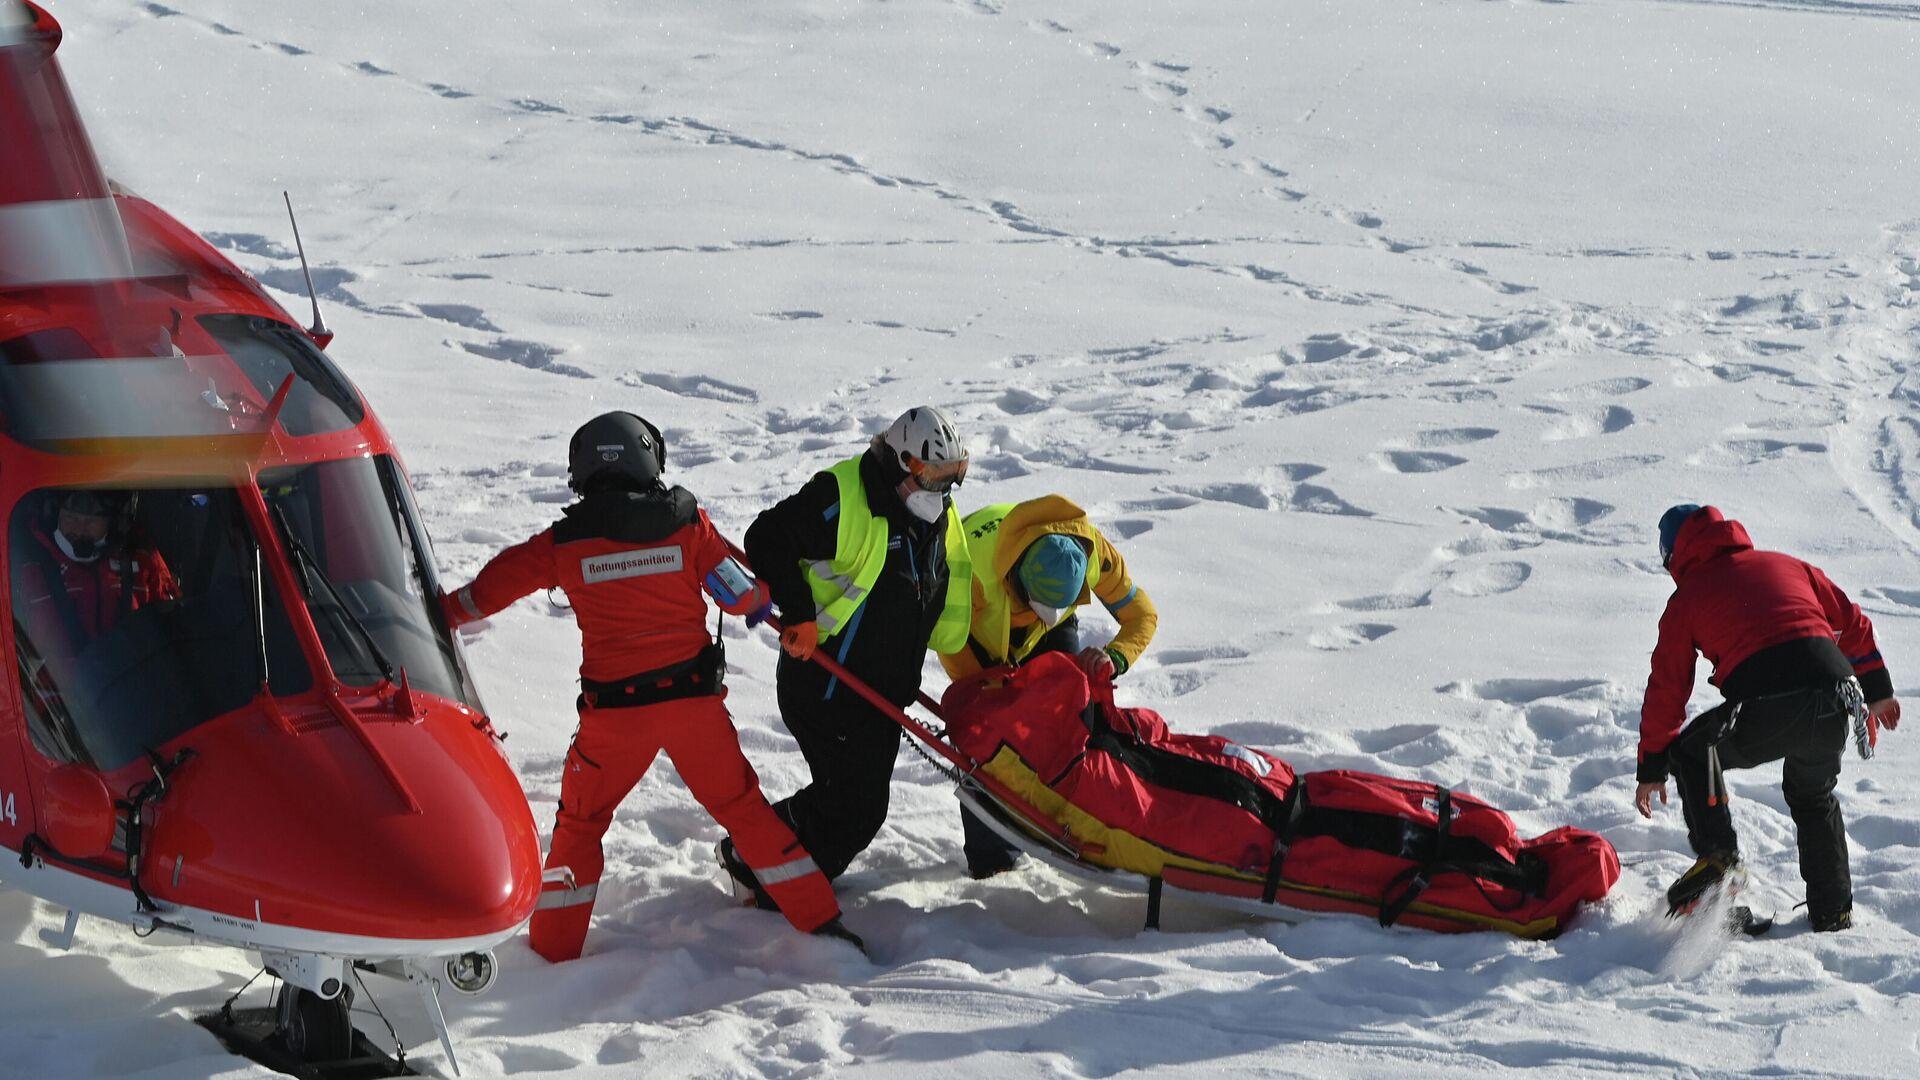 Спасатели несут американского горнолыжника Томми Форда к вертолету - РИА Новости, 1920, 10.01.2021